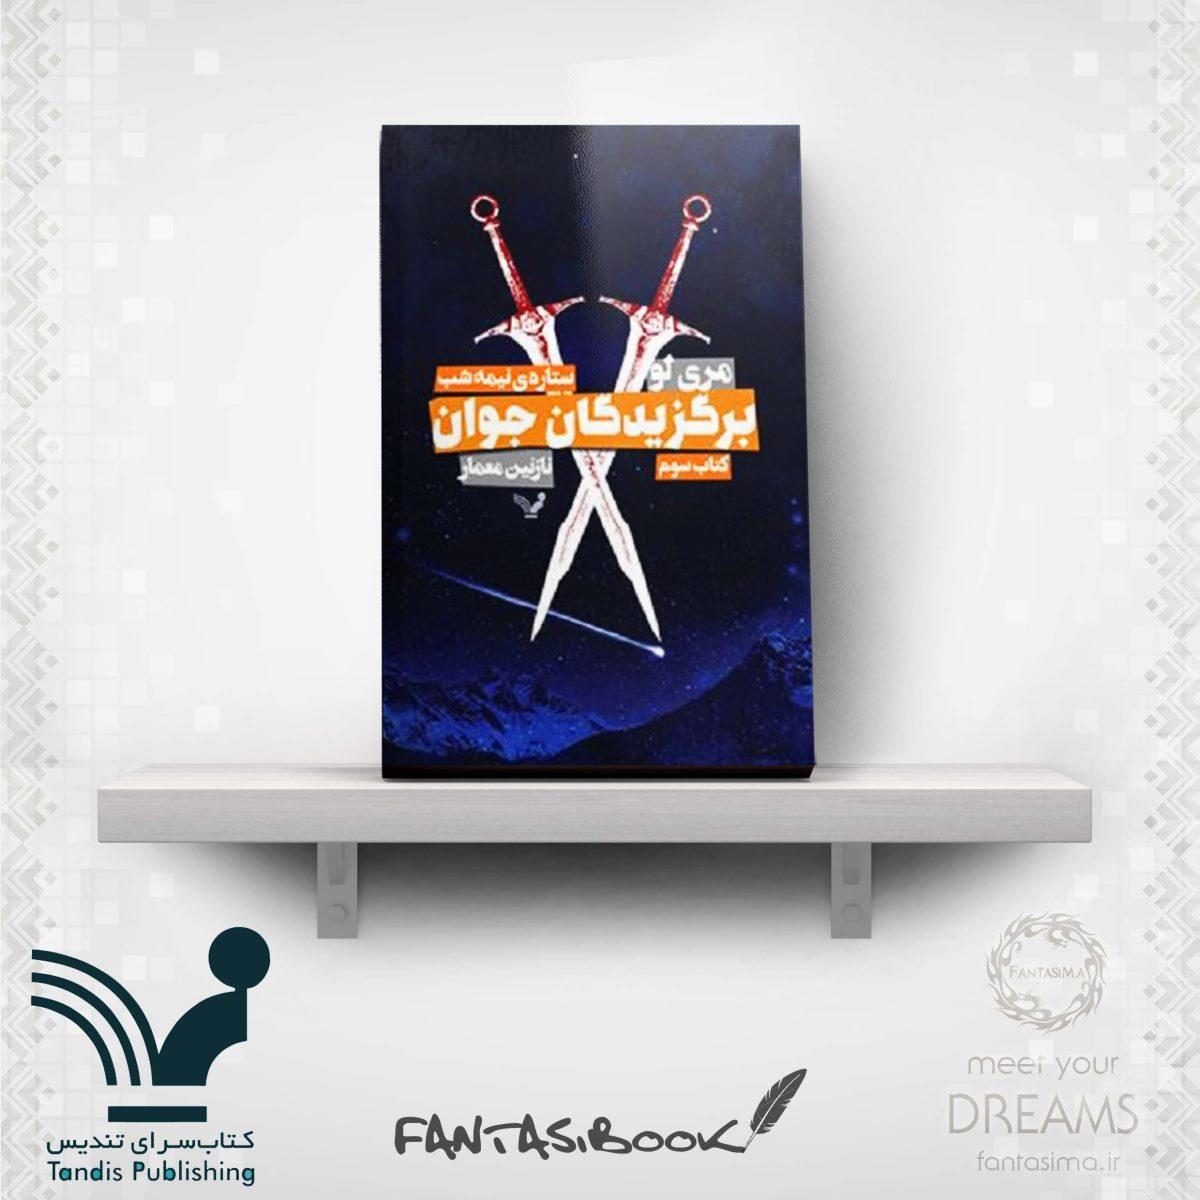 کتاب برگزیدگان جوان - جلد 3 - ستارهی نیمهشب